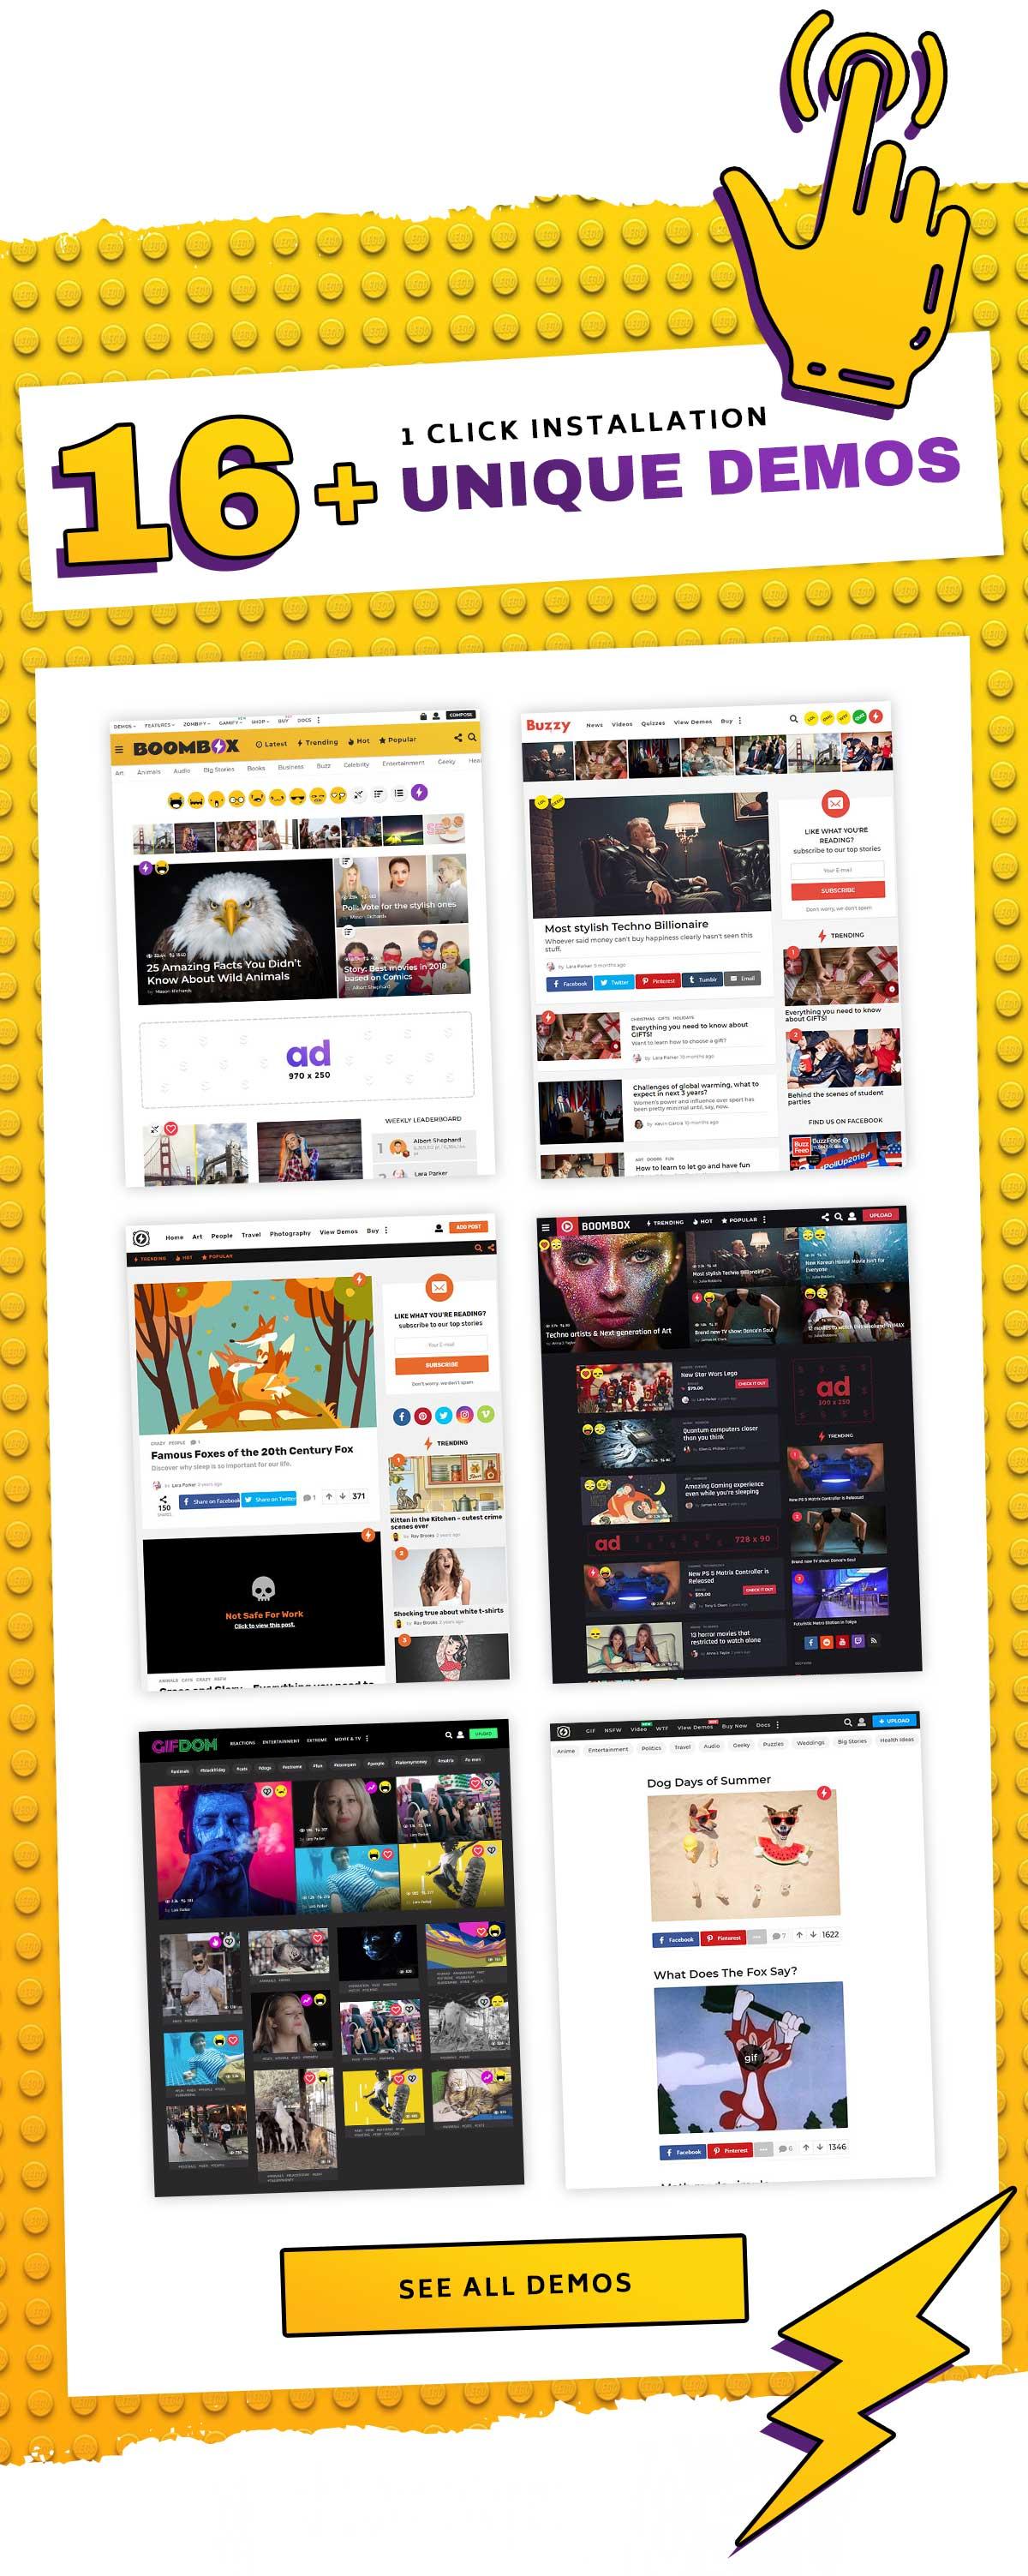 img 6011a012dcecd - دانلود قالب وردپرس BoomBox - پوسته مجله خبری و Viral وردپرس